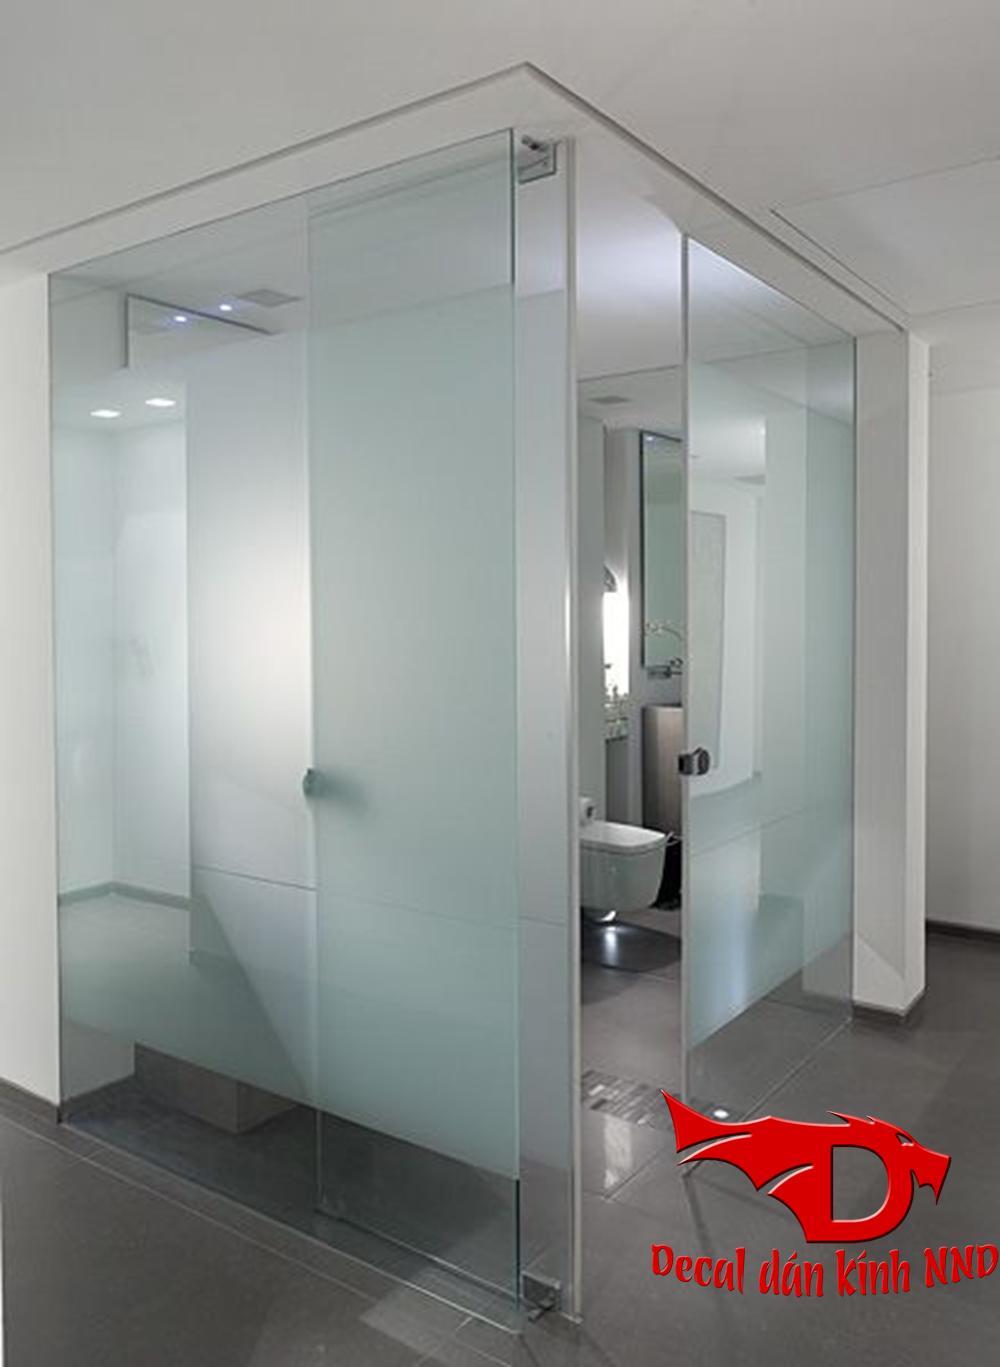 Sử dụng decal mờ tăng độ mờ cho phòng tắm kính